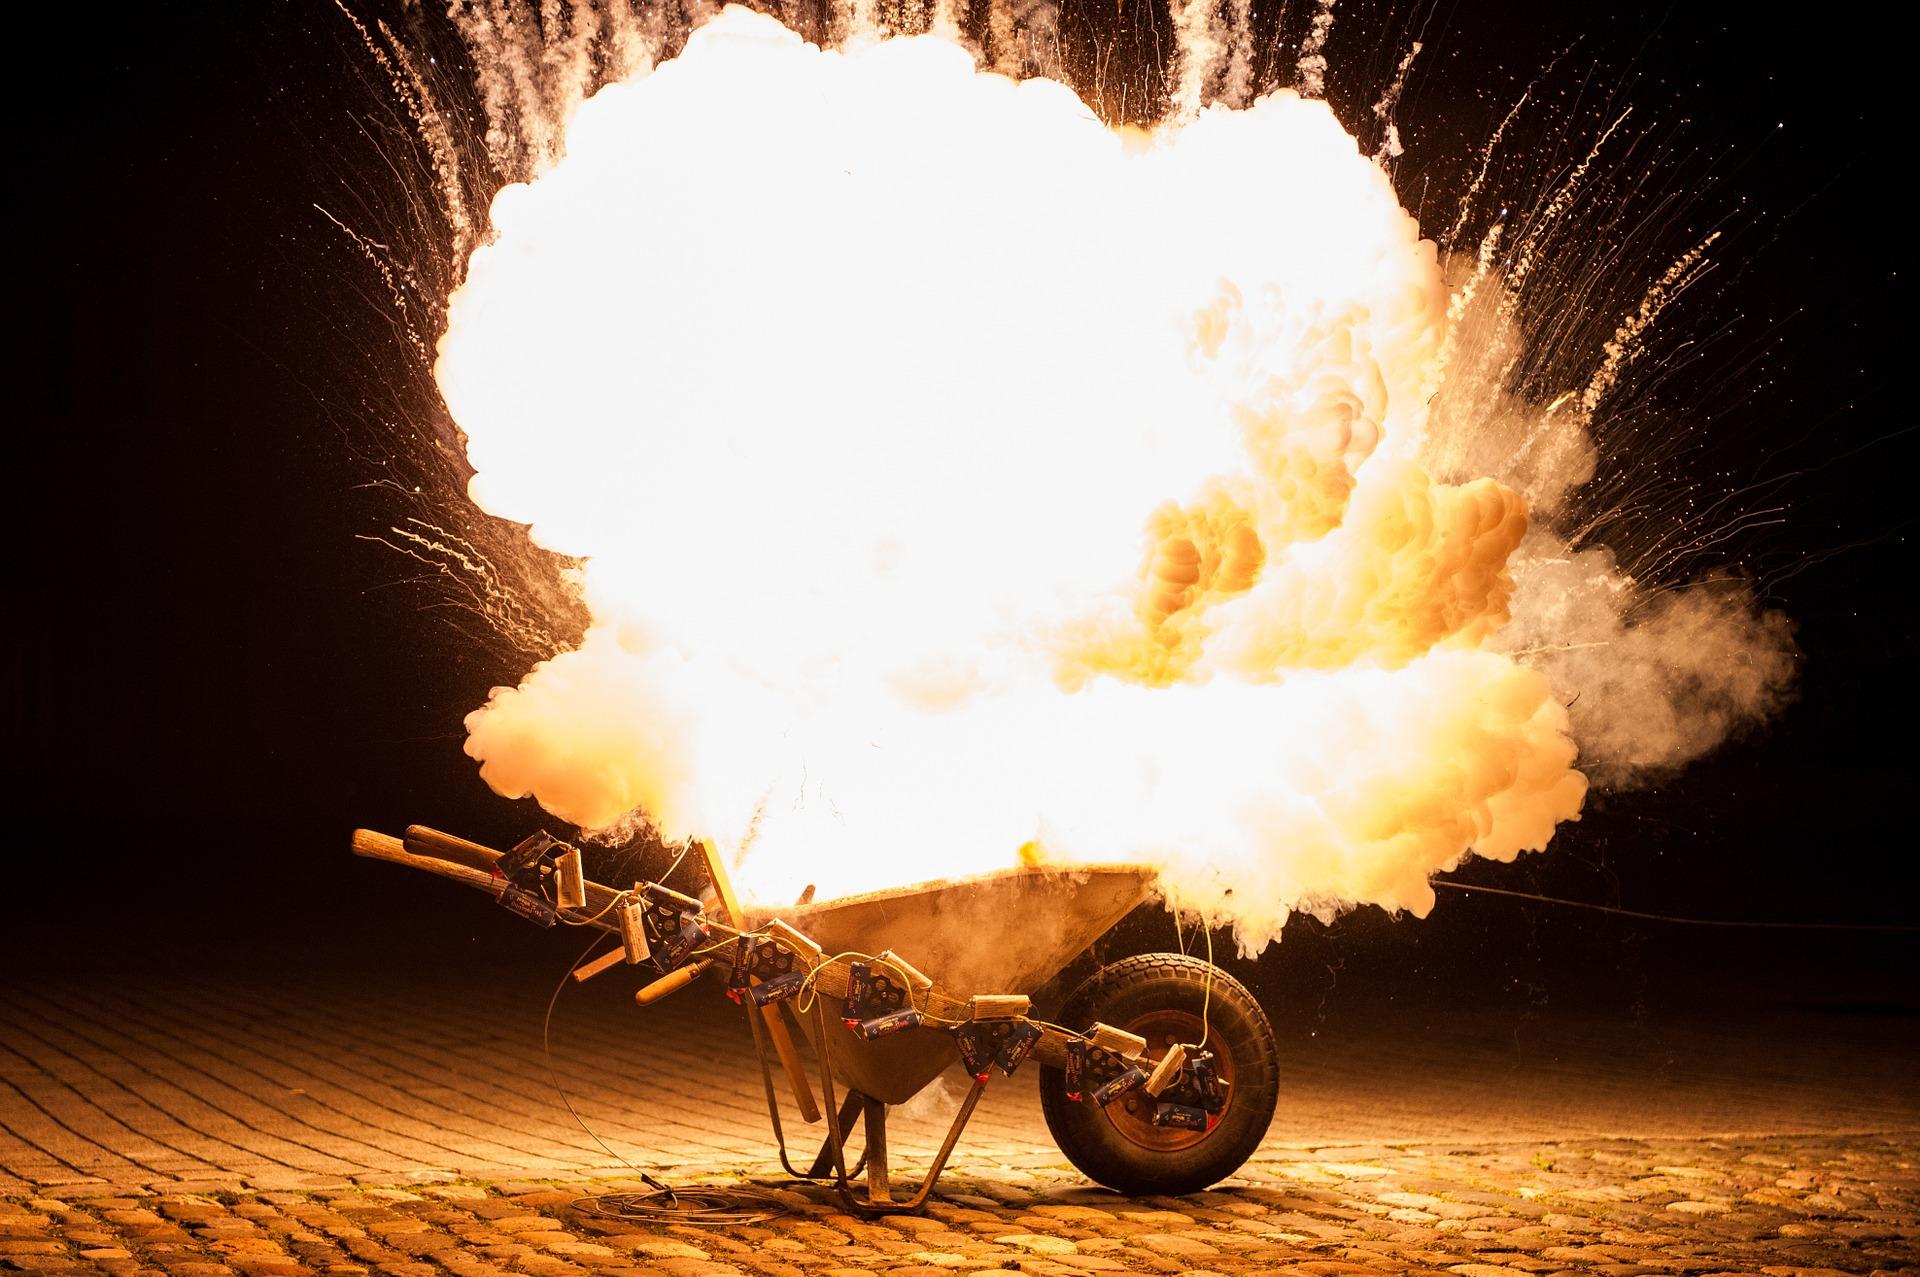 fireworks in wheelbarrow